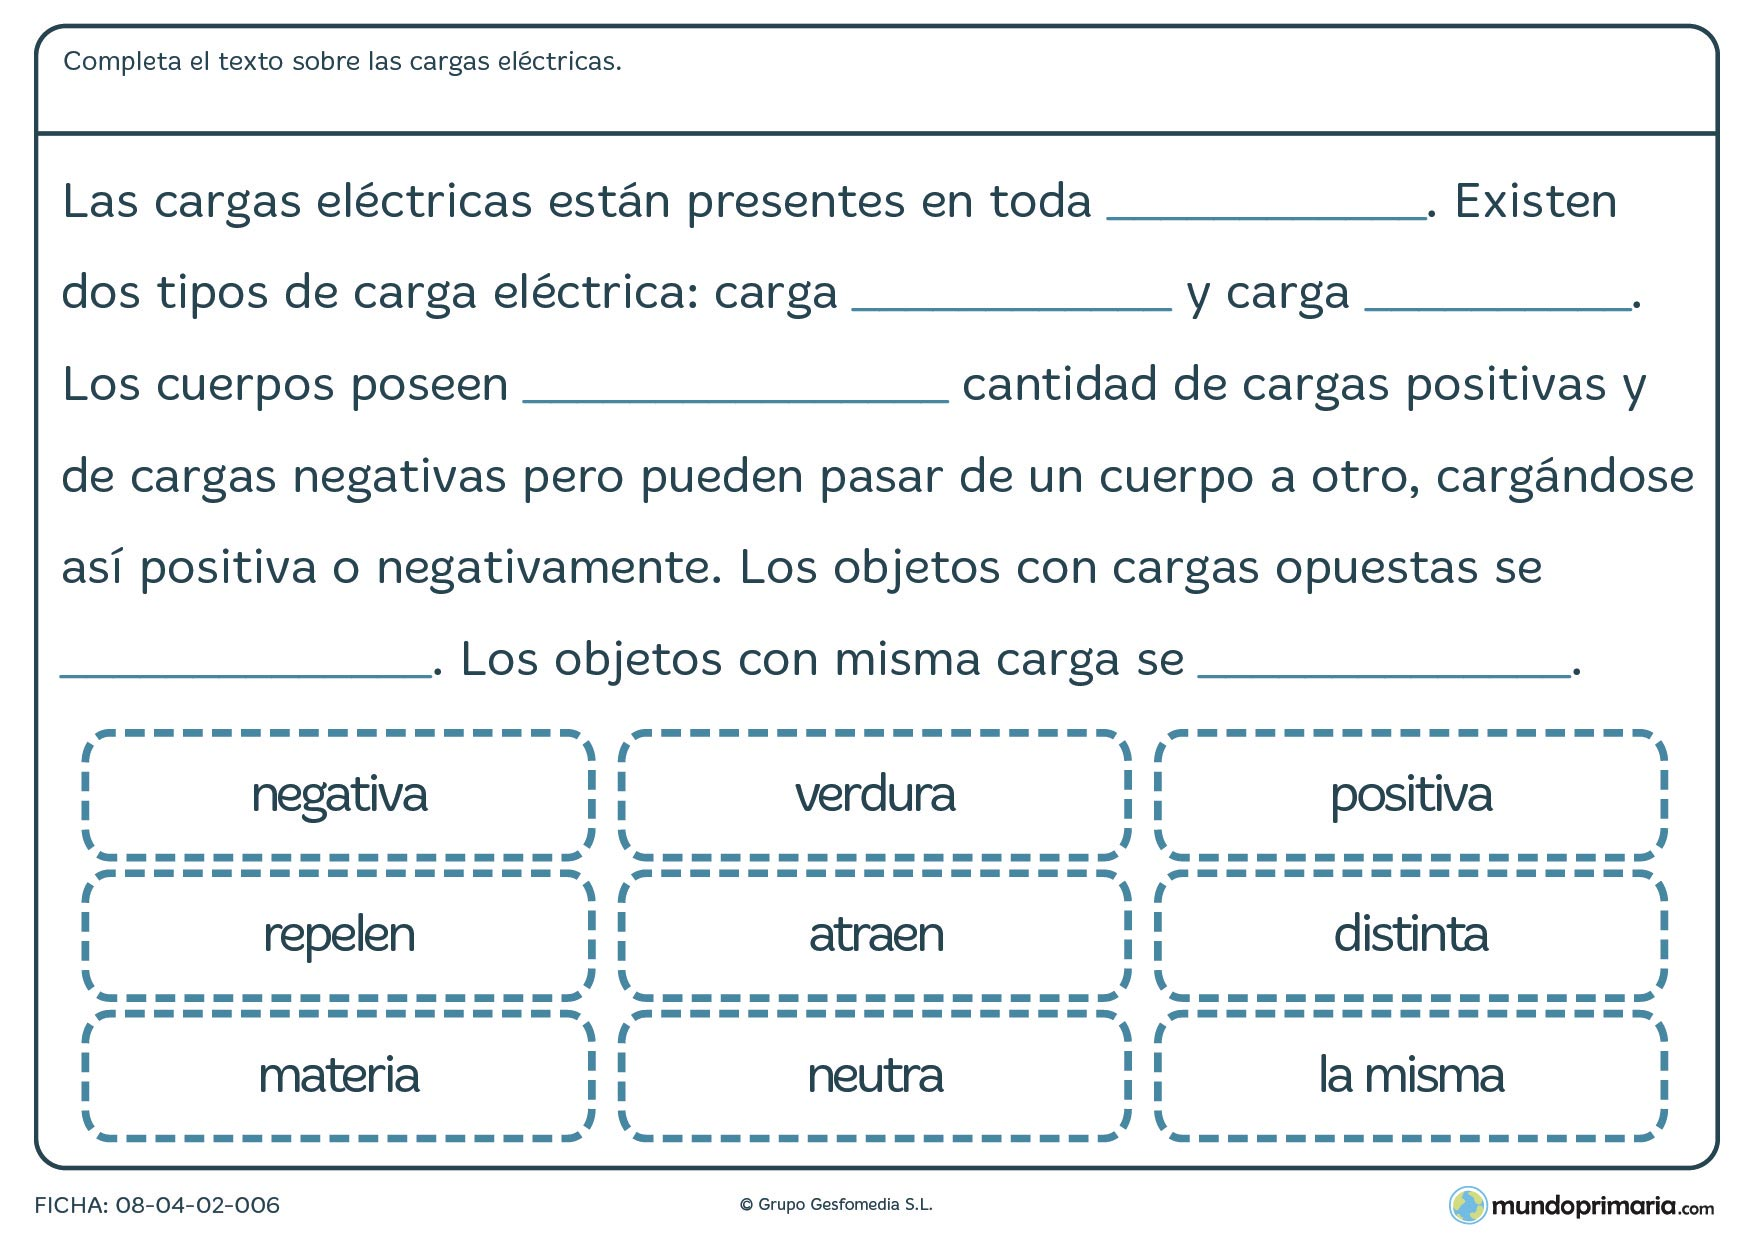 Ficha sobre las cargas eléctricas para primaria